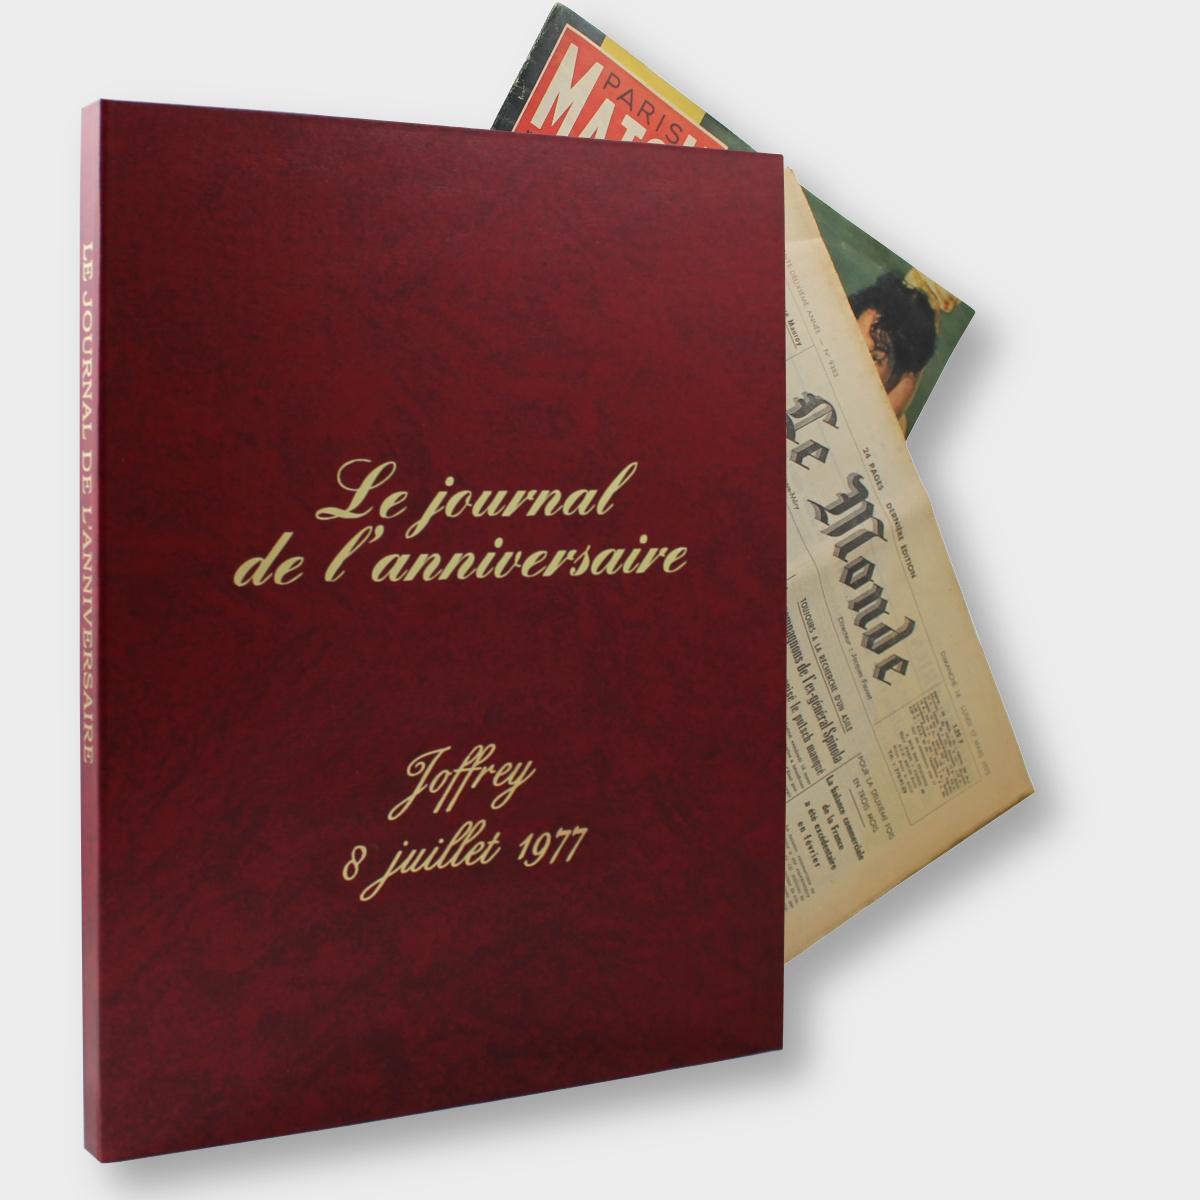 Coffret Rouge Journal Anniversaire